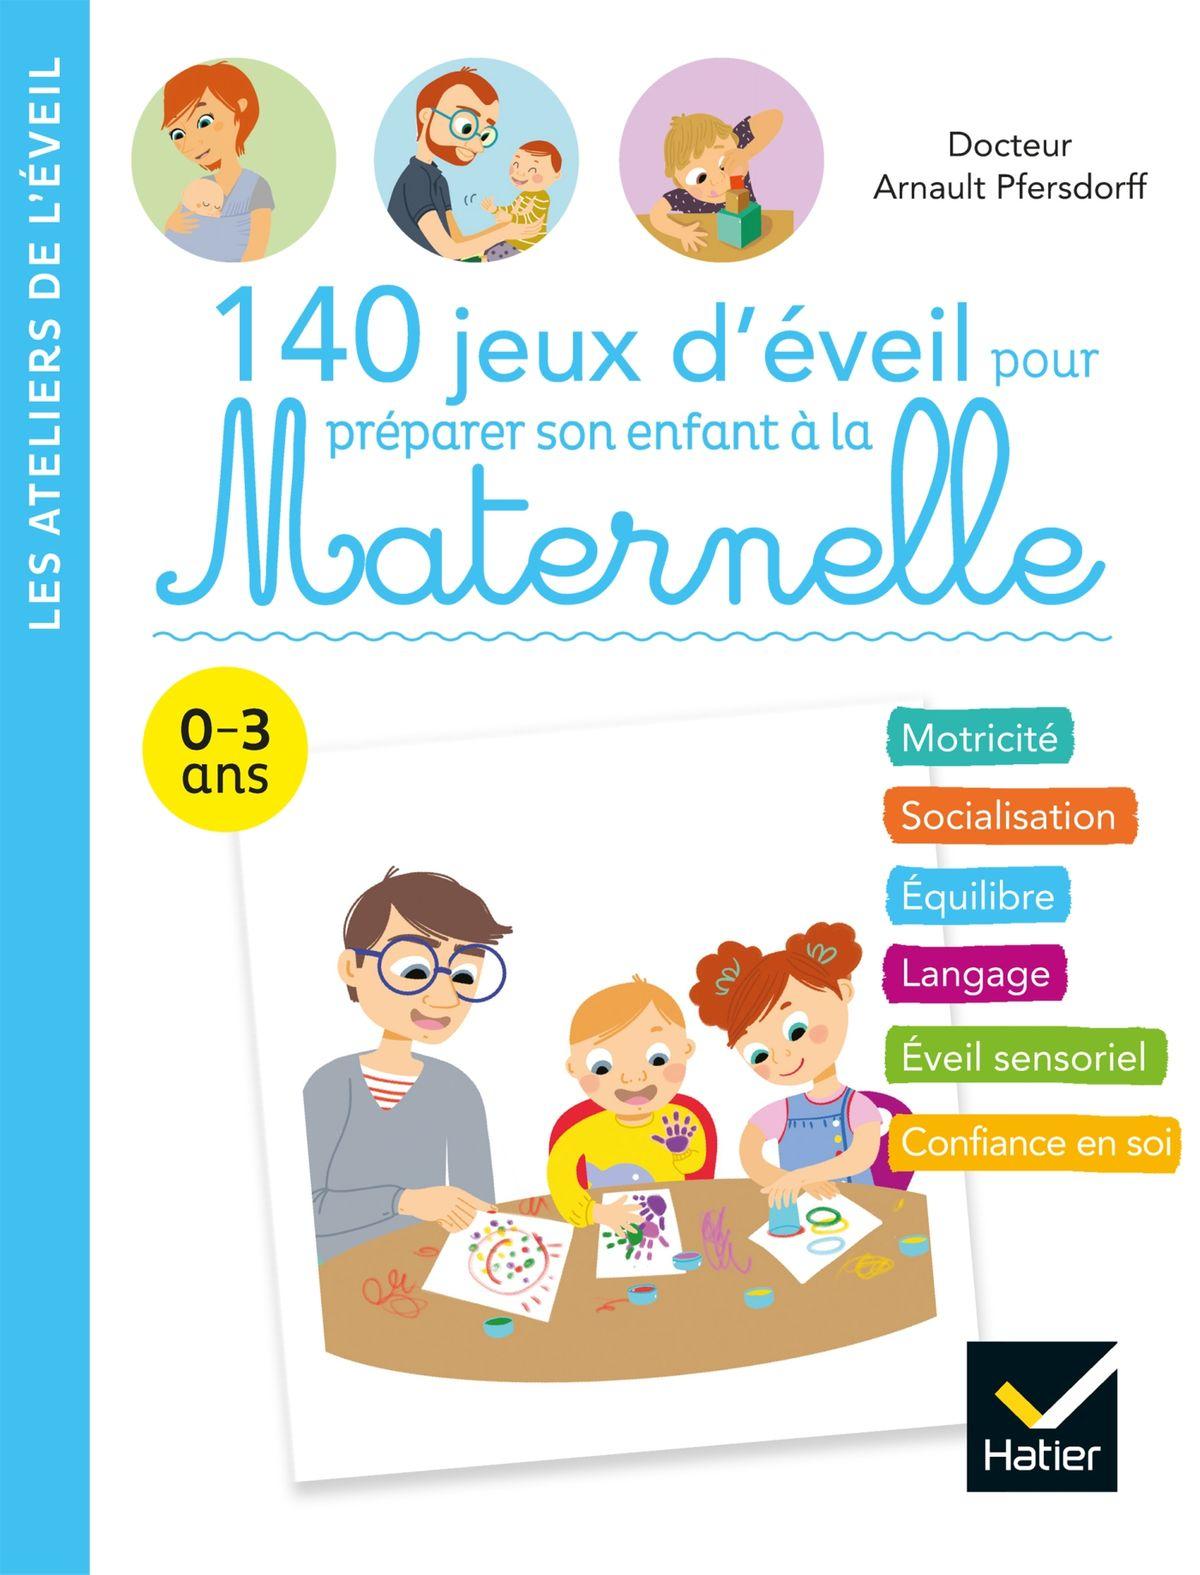 140 Jeux D'éveil Pour Préparer Son Enfant À La Maternelle Ebook By Arnault  Pfersdorff - Rakuten Kobo concernant Jeux Enfant Maternelle